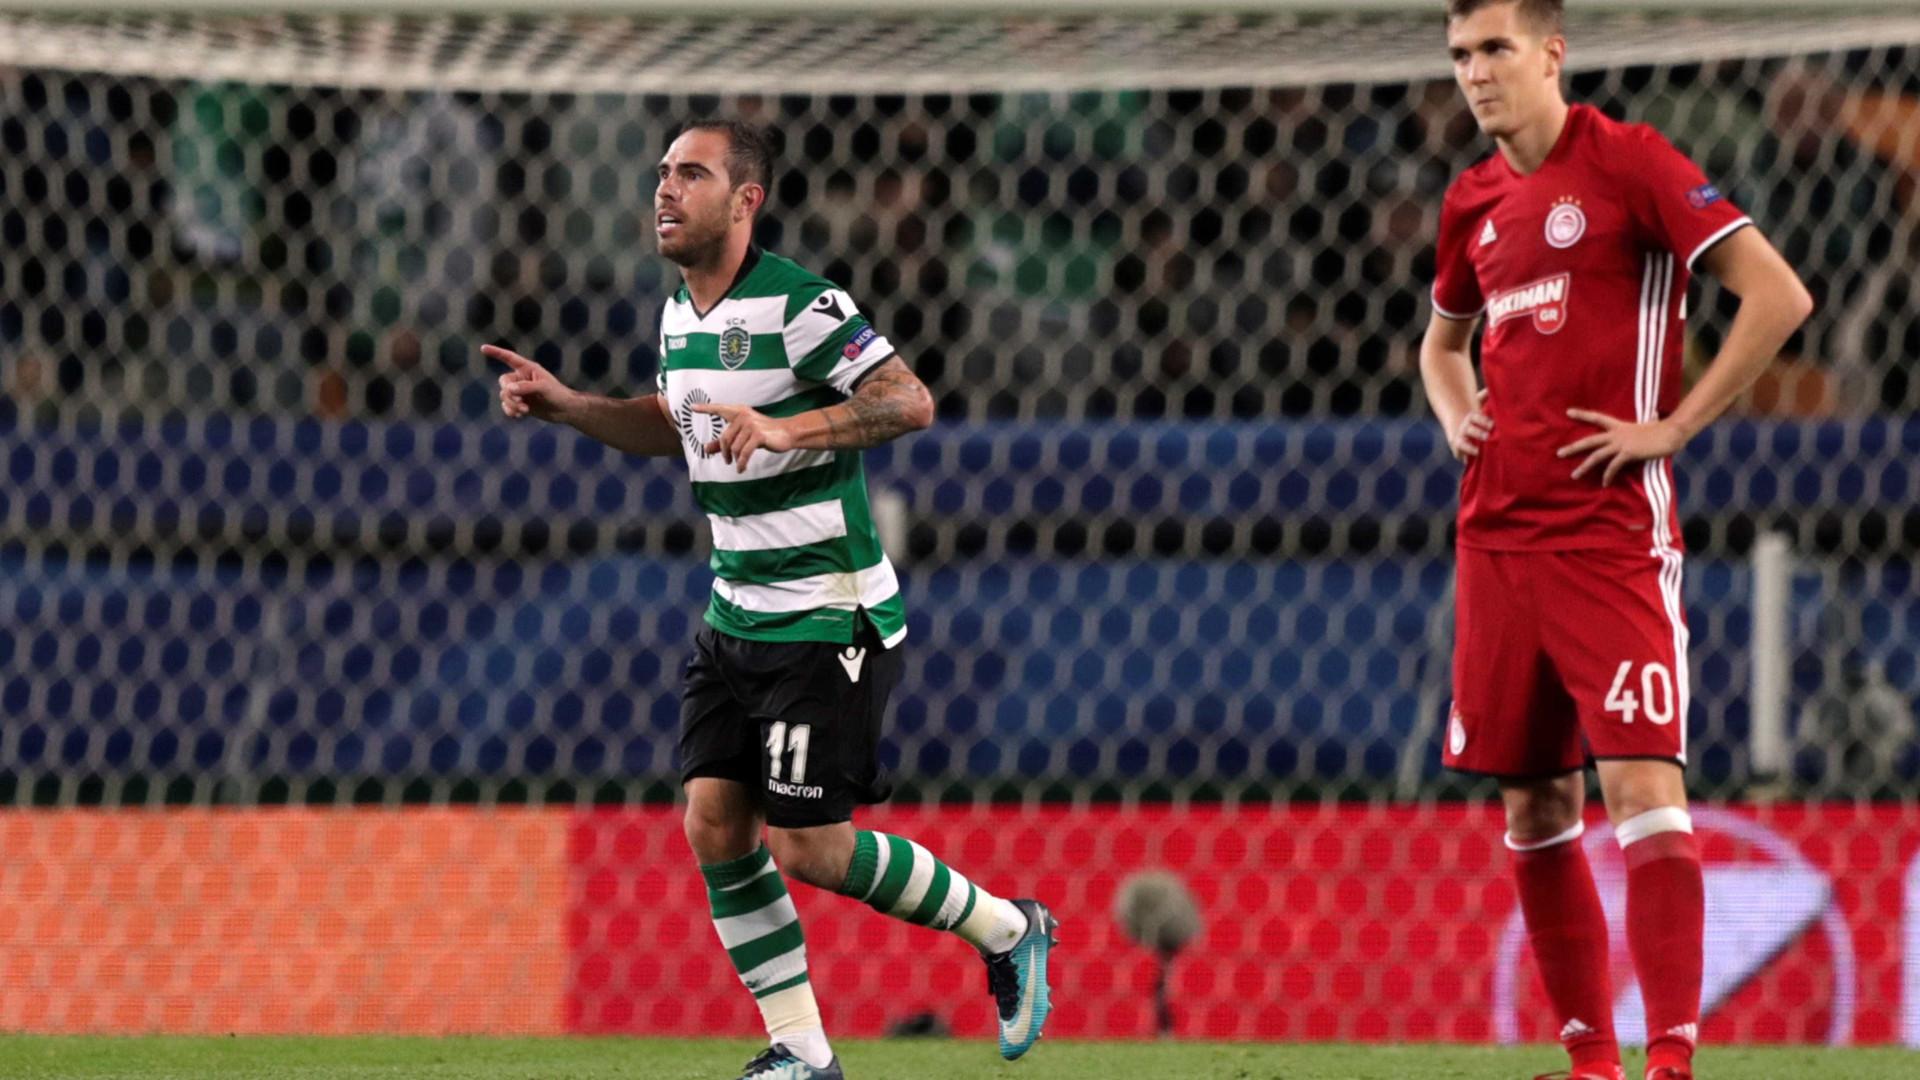 Champions: Bruno César no pódio dos marcadores na história do Sporting